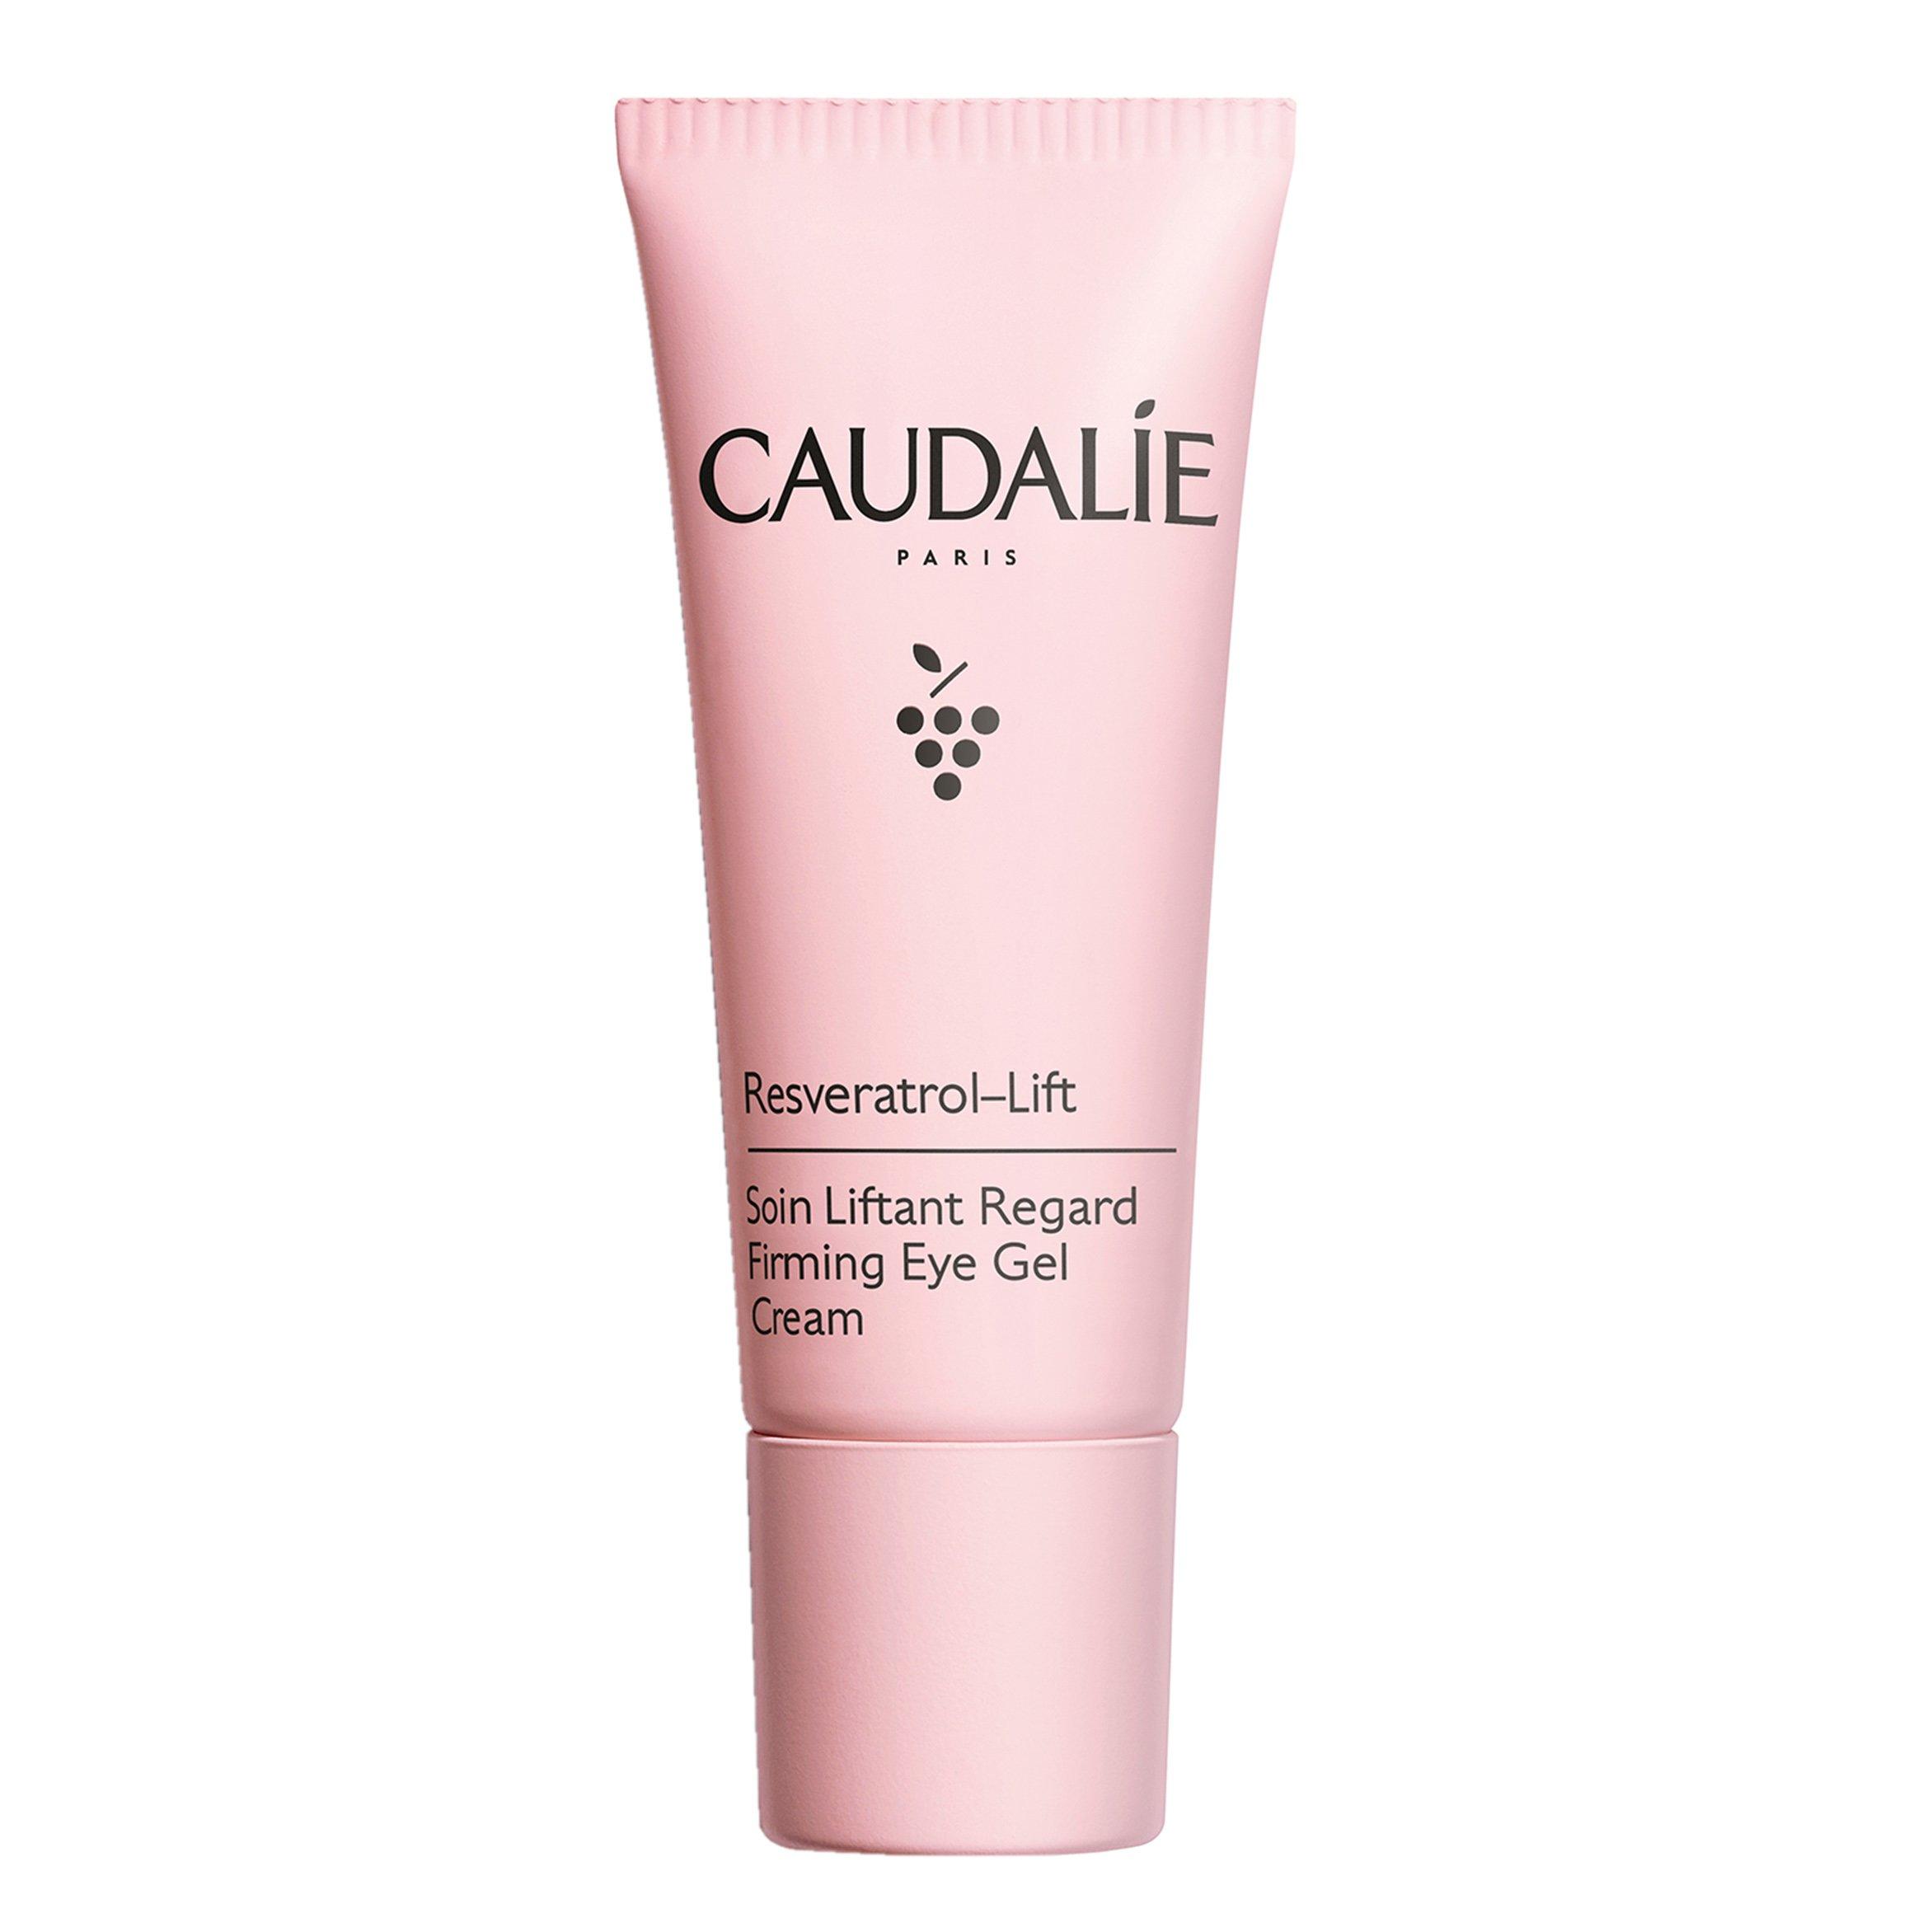 Caudalie Resveratrol Lift Firming Eye Gel Cream Κρέμα Gel Κατά των Ρυτίδων & των Πρηξιμάτων για Φρέσκο & Νεανικό Βλέμμα 15ml